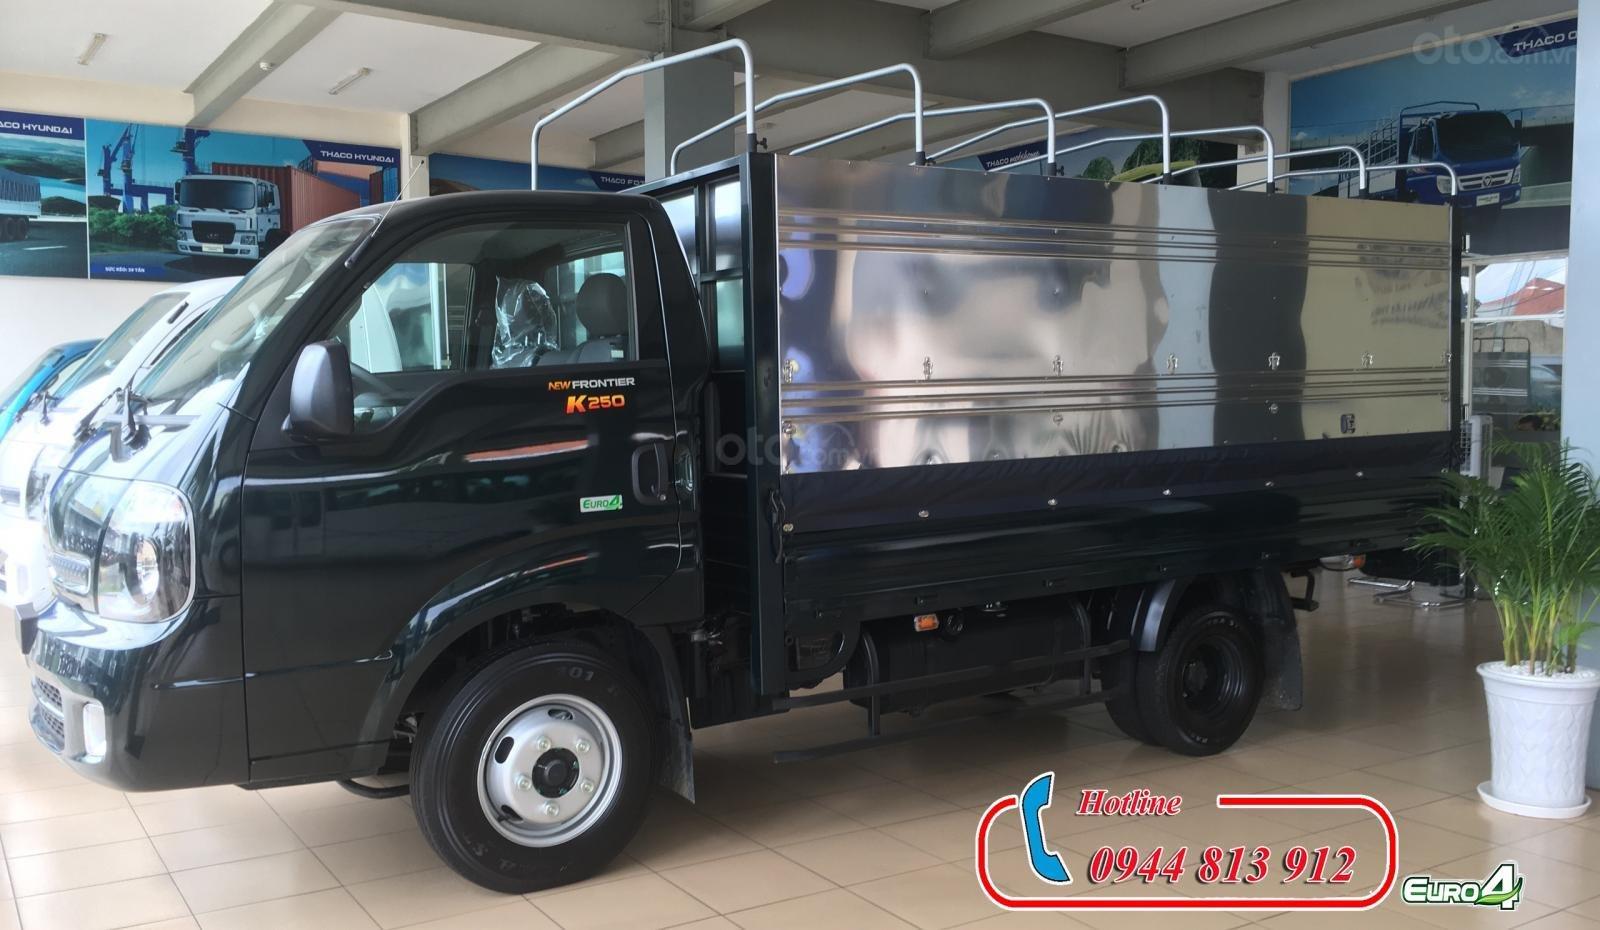 Bán Kia K250 động cơ Hyundai tải trọng 2.49 tấn, giá tốt tại Bình Dương, có hỗ trợ trả góp - LH: 0944.813.912 (1)